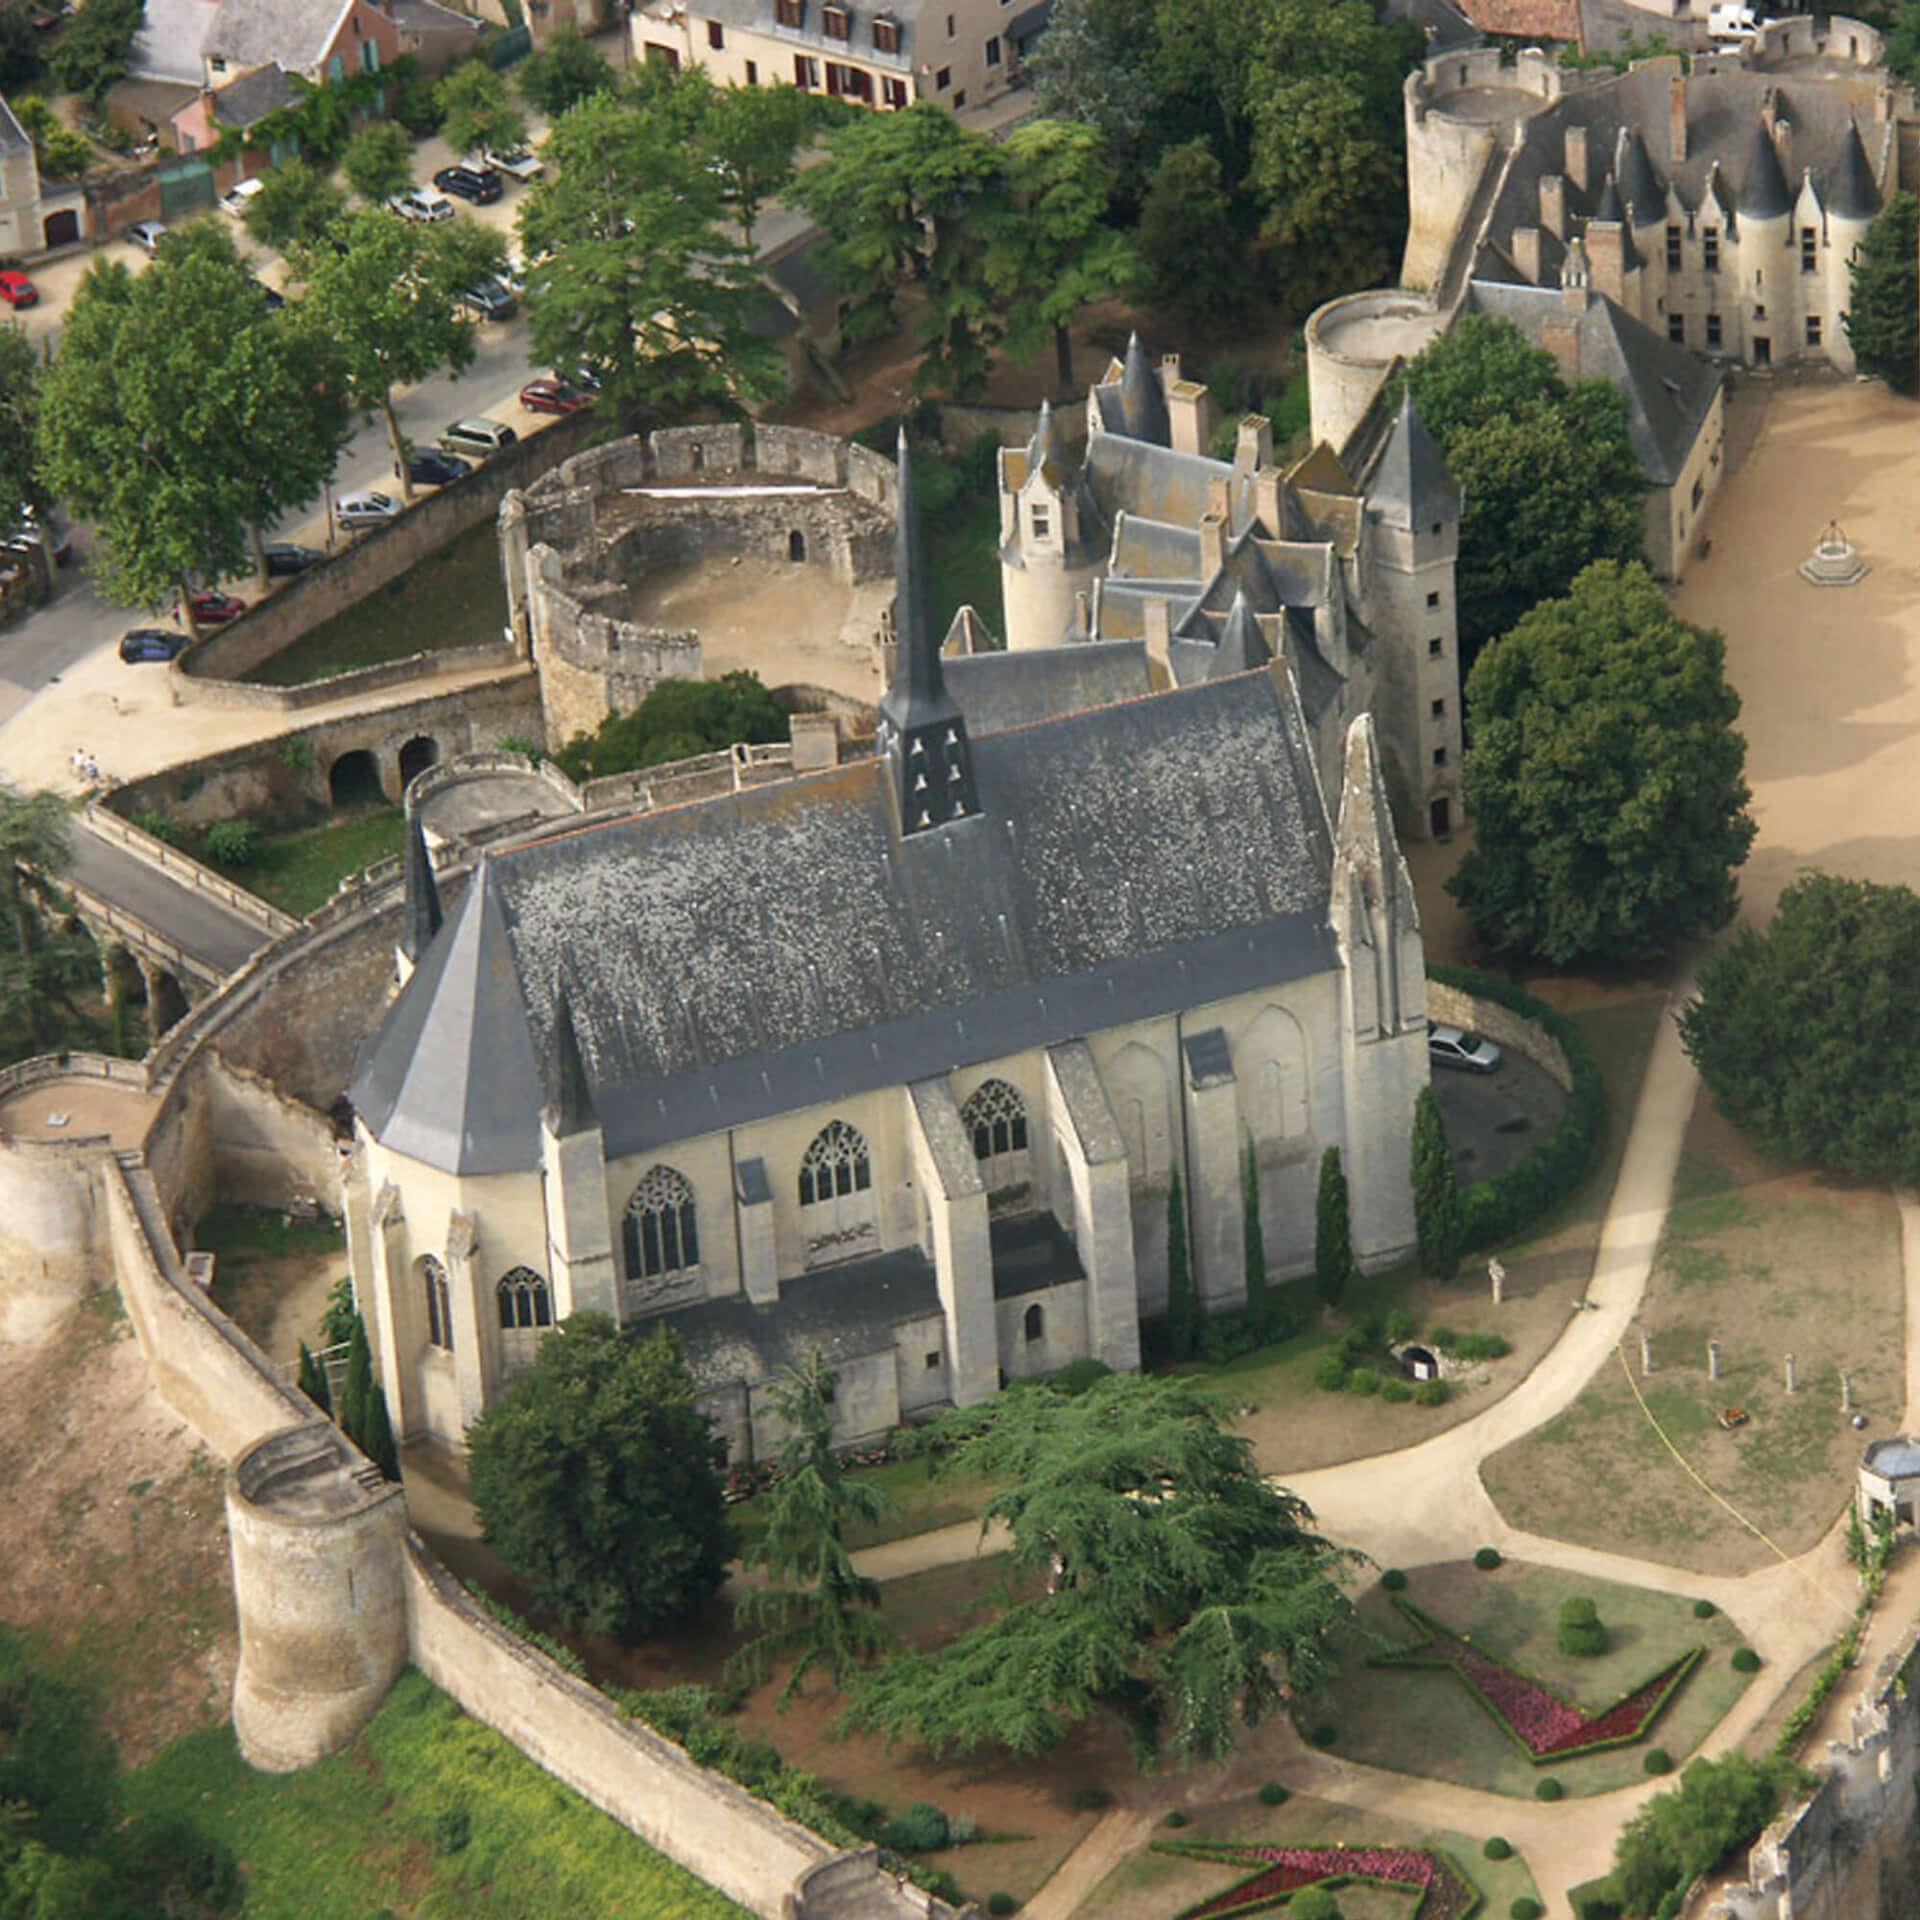 Era Mairie De Montreuil Montreuil: Collégiale Notre-Dame, Montreuil-Bellay (Maine-&-Loire